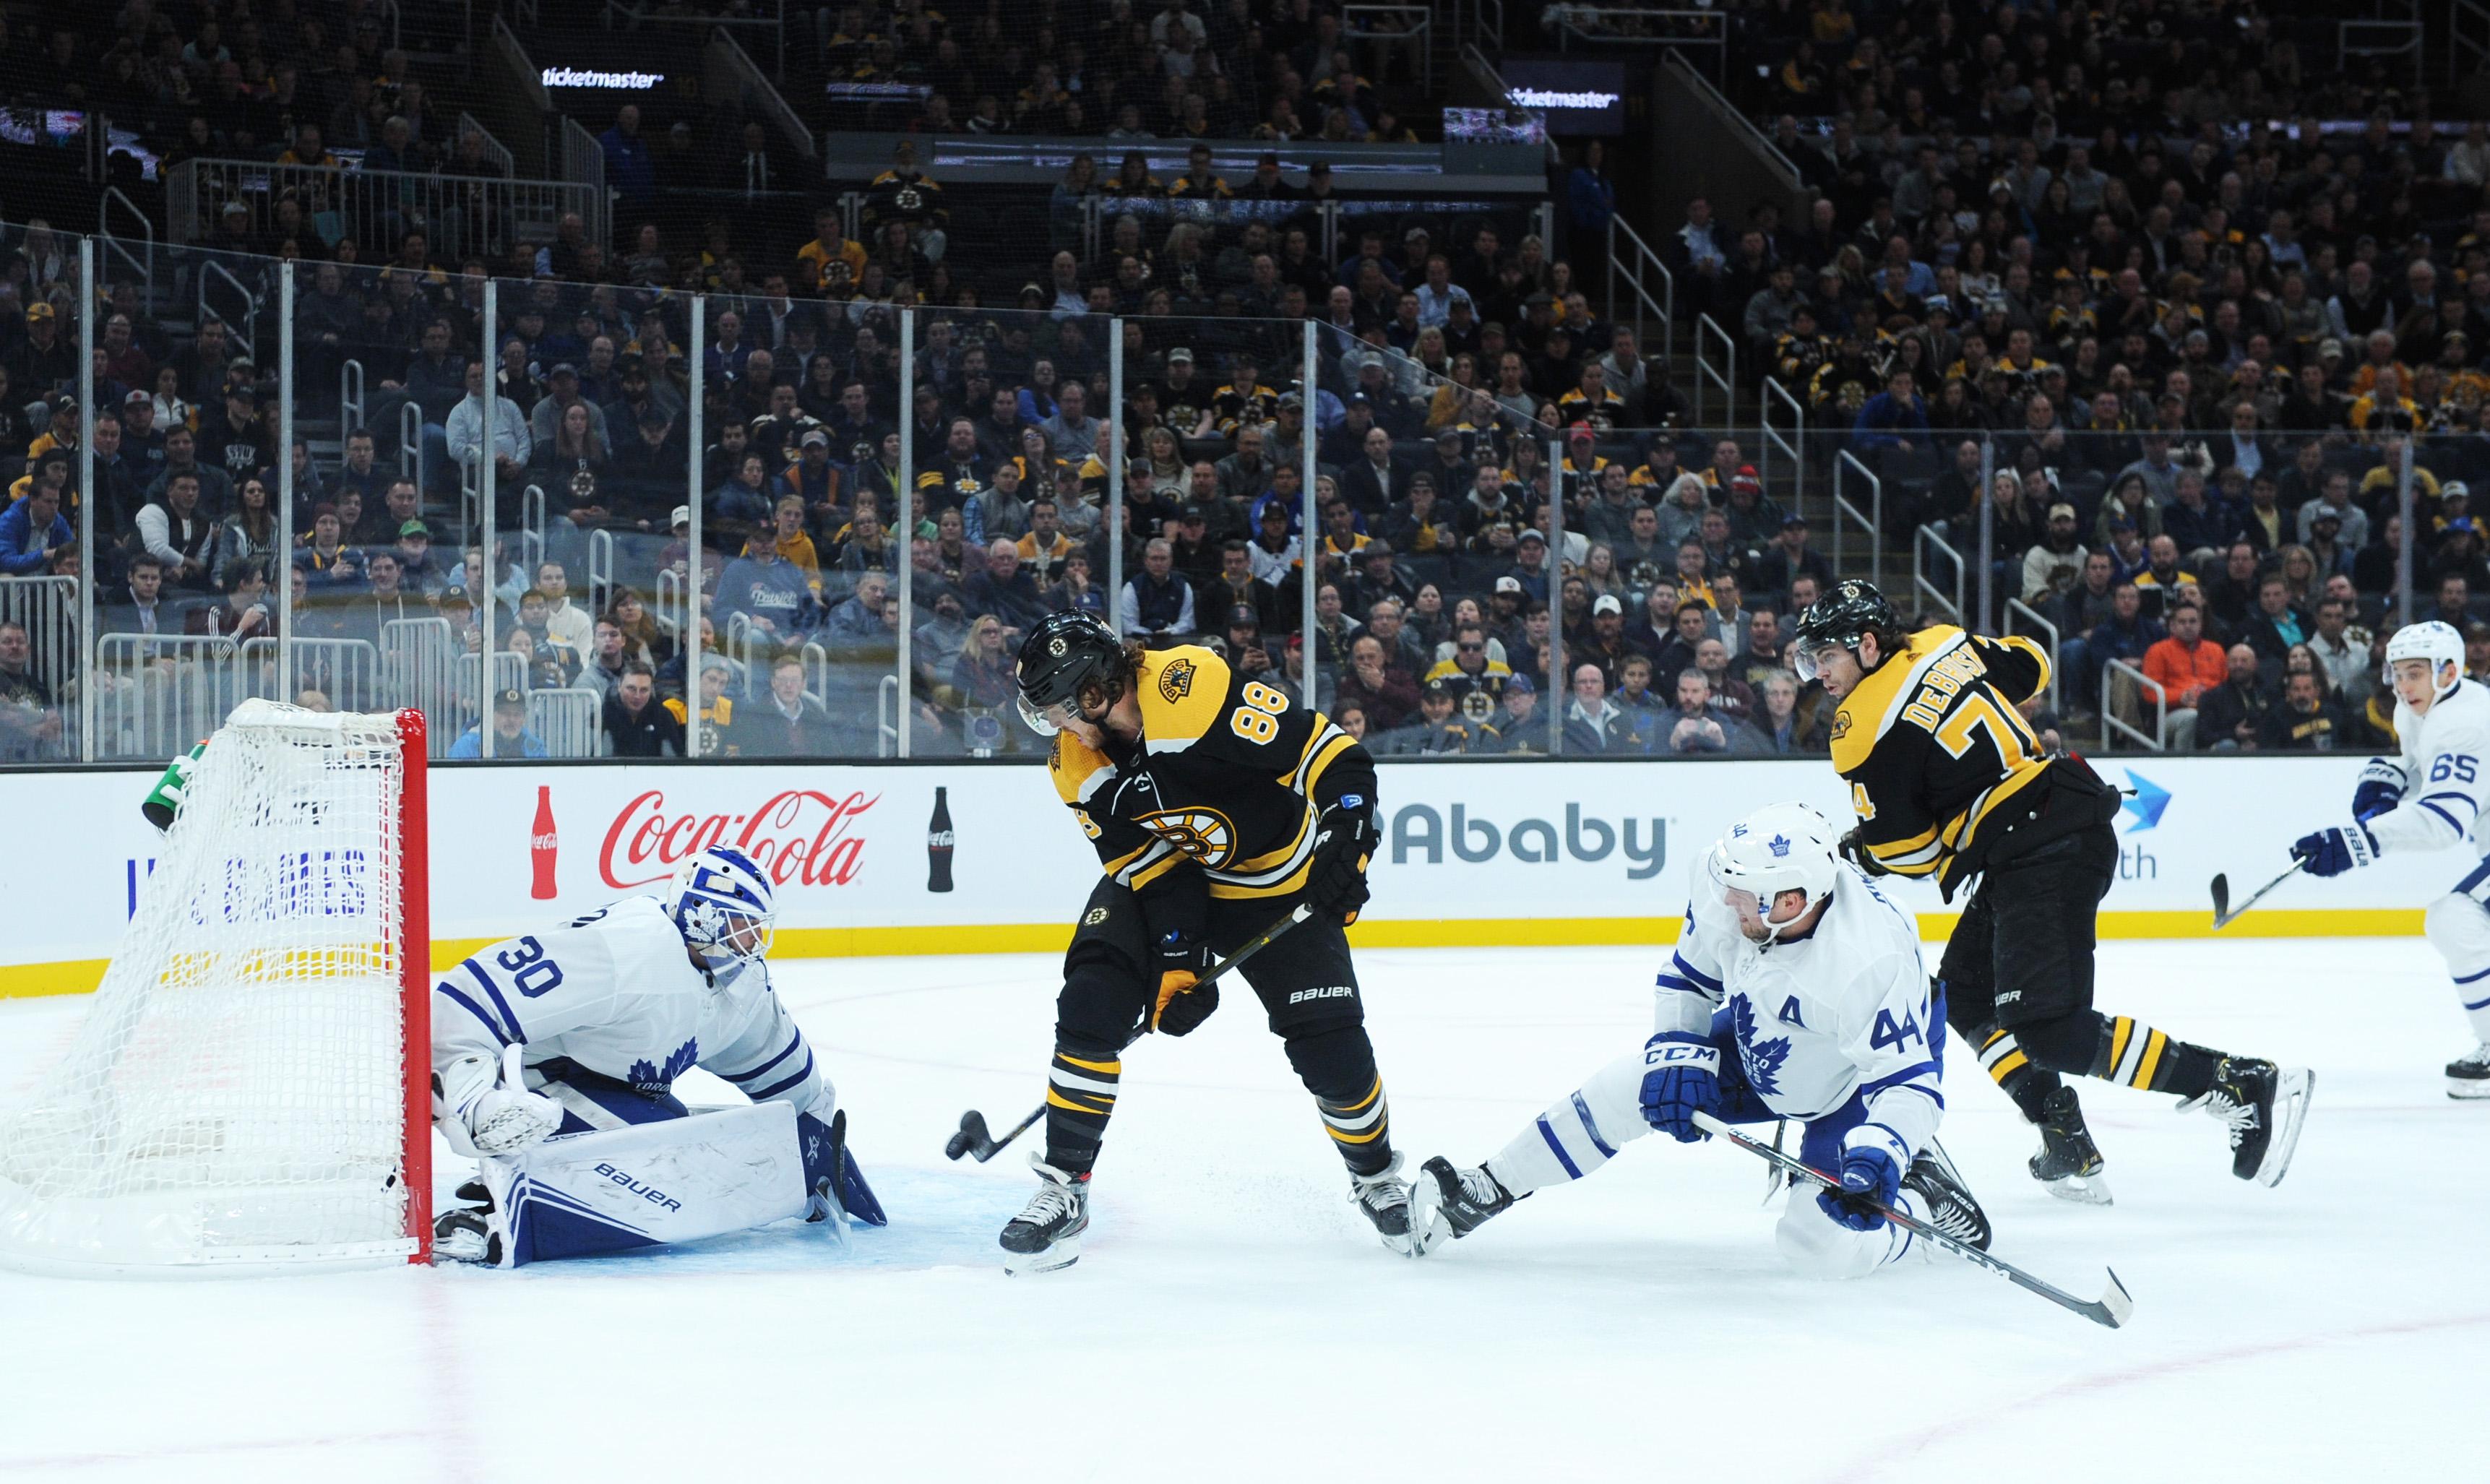 David Pastrnak's goal between his legs one of best of NHL season